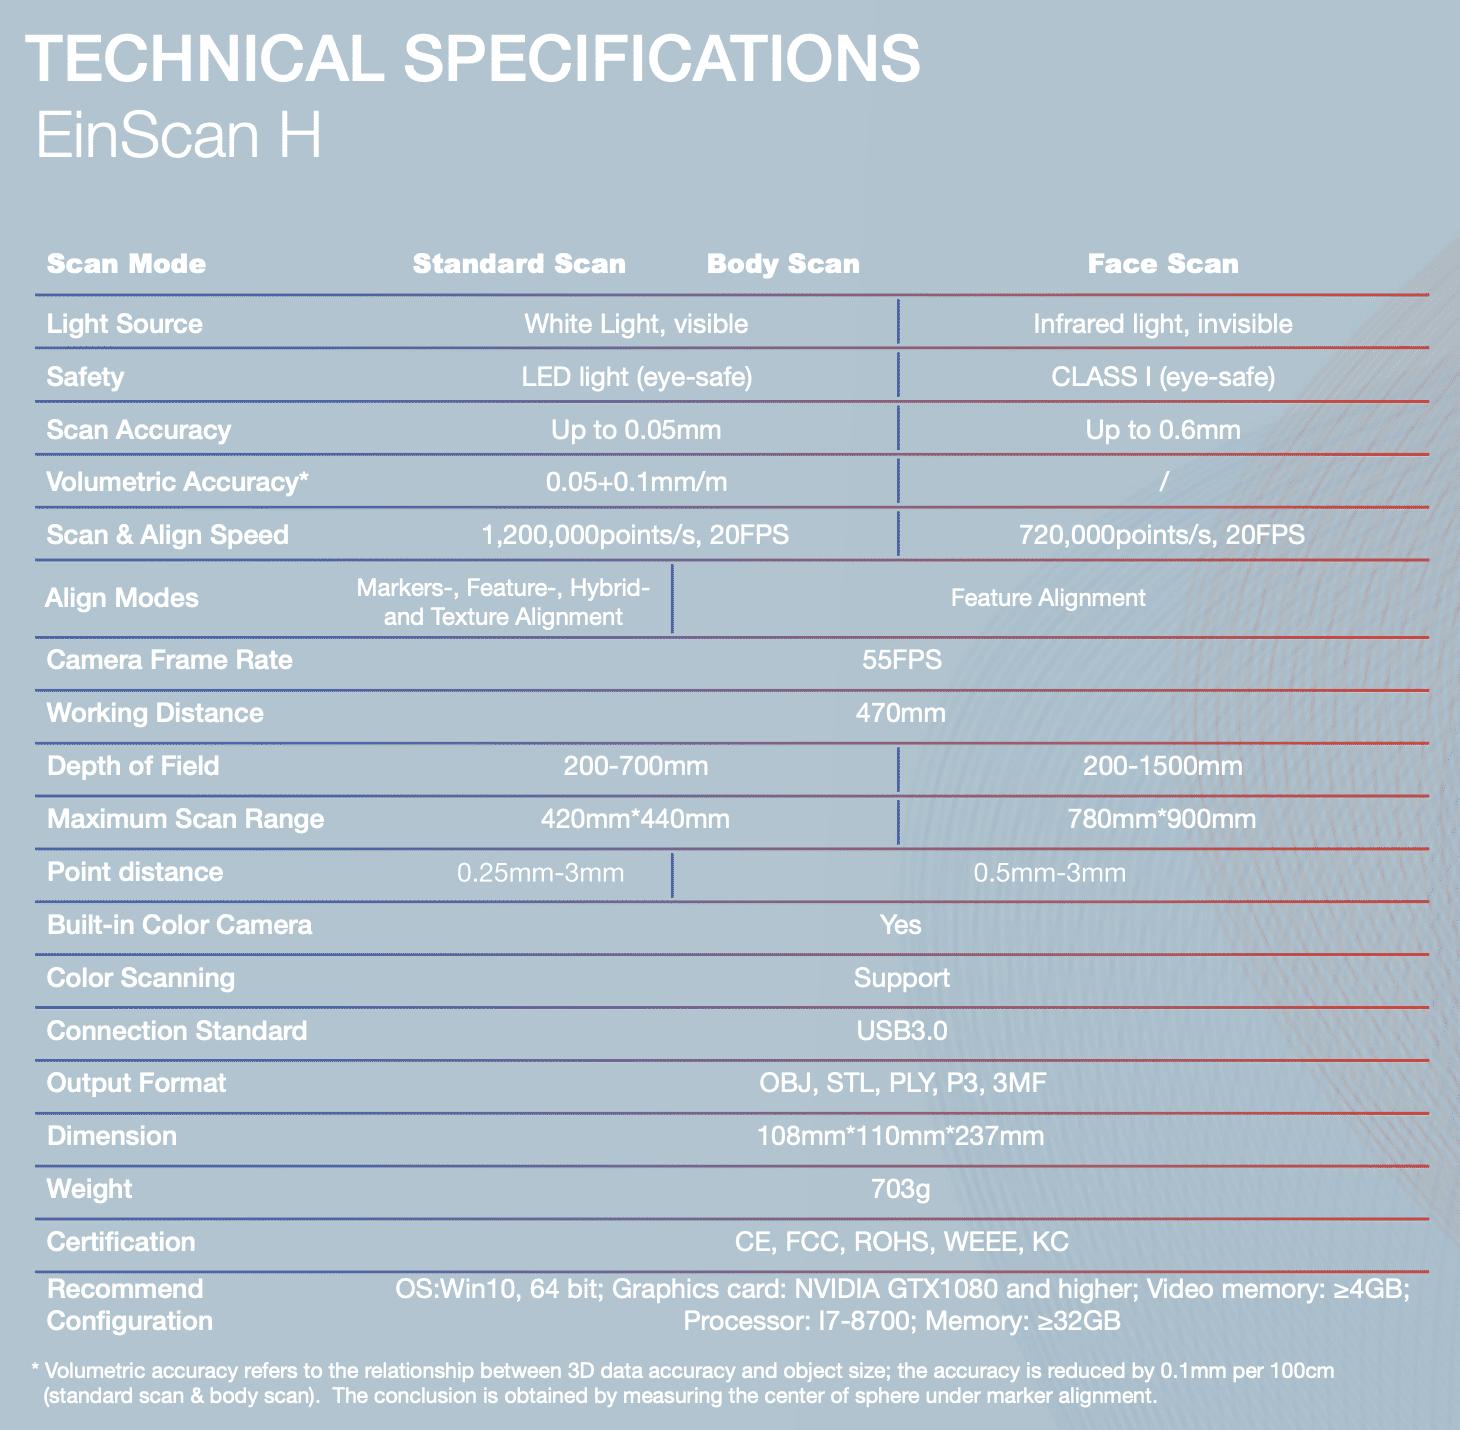 einscan h specification